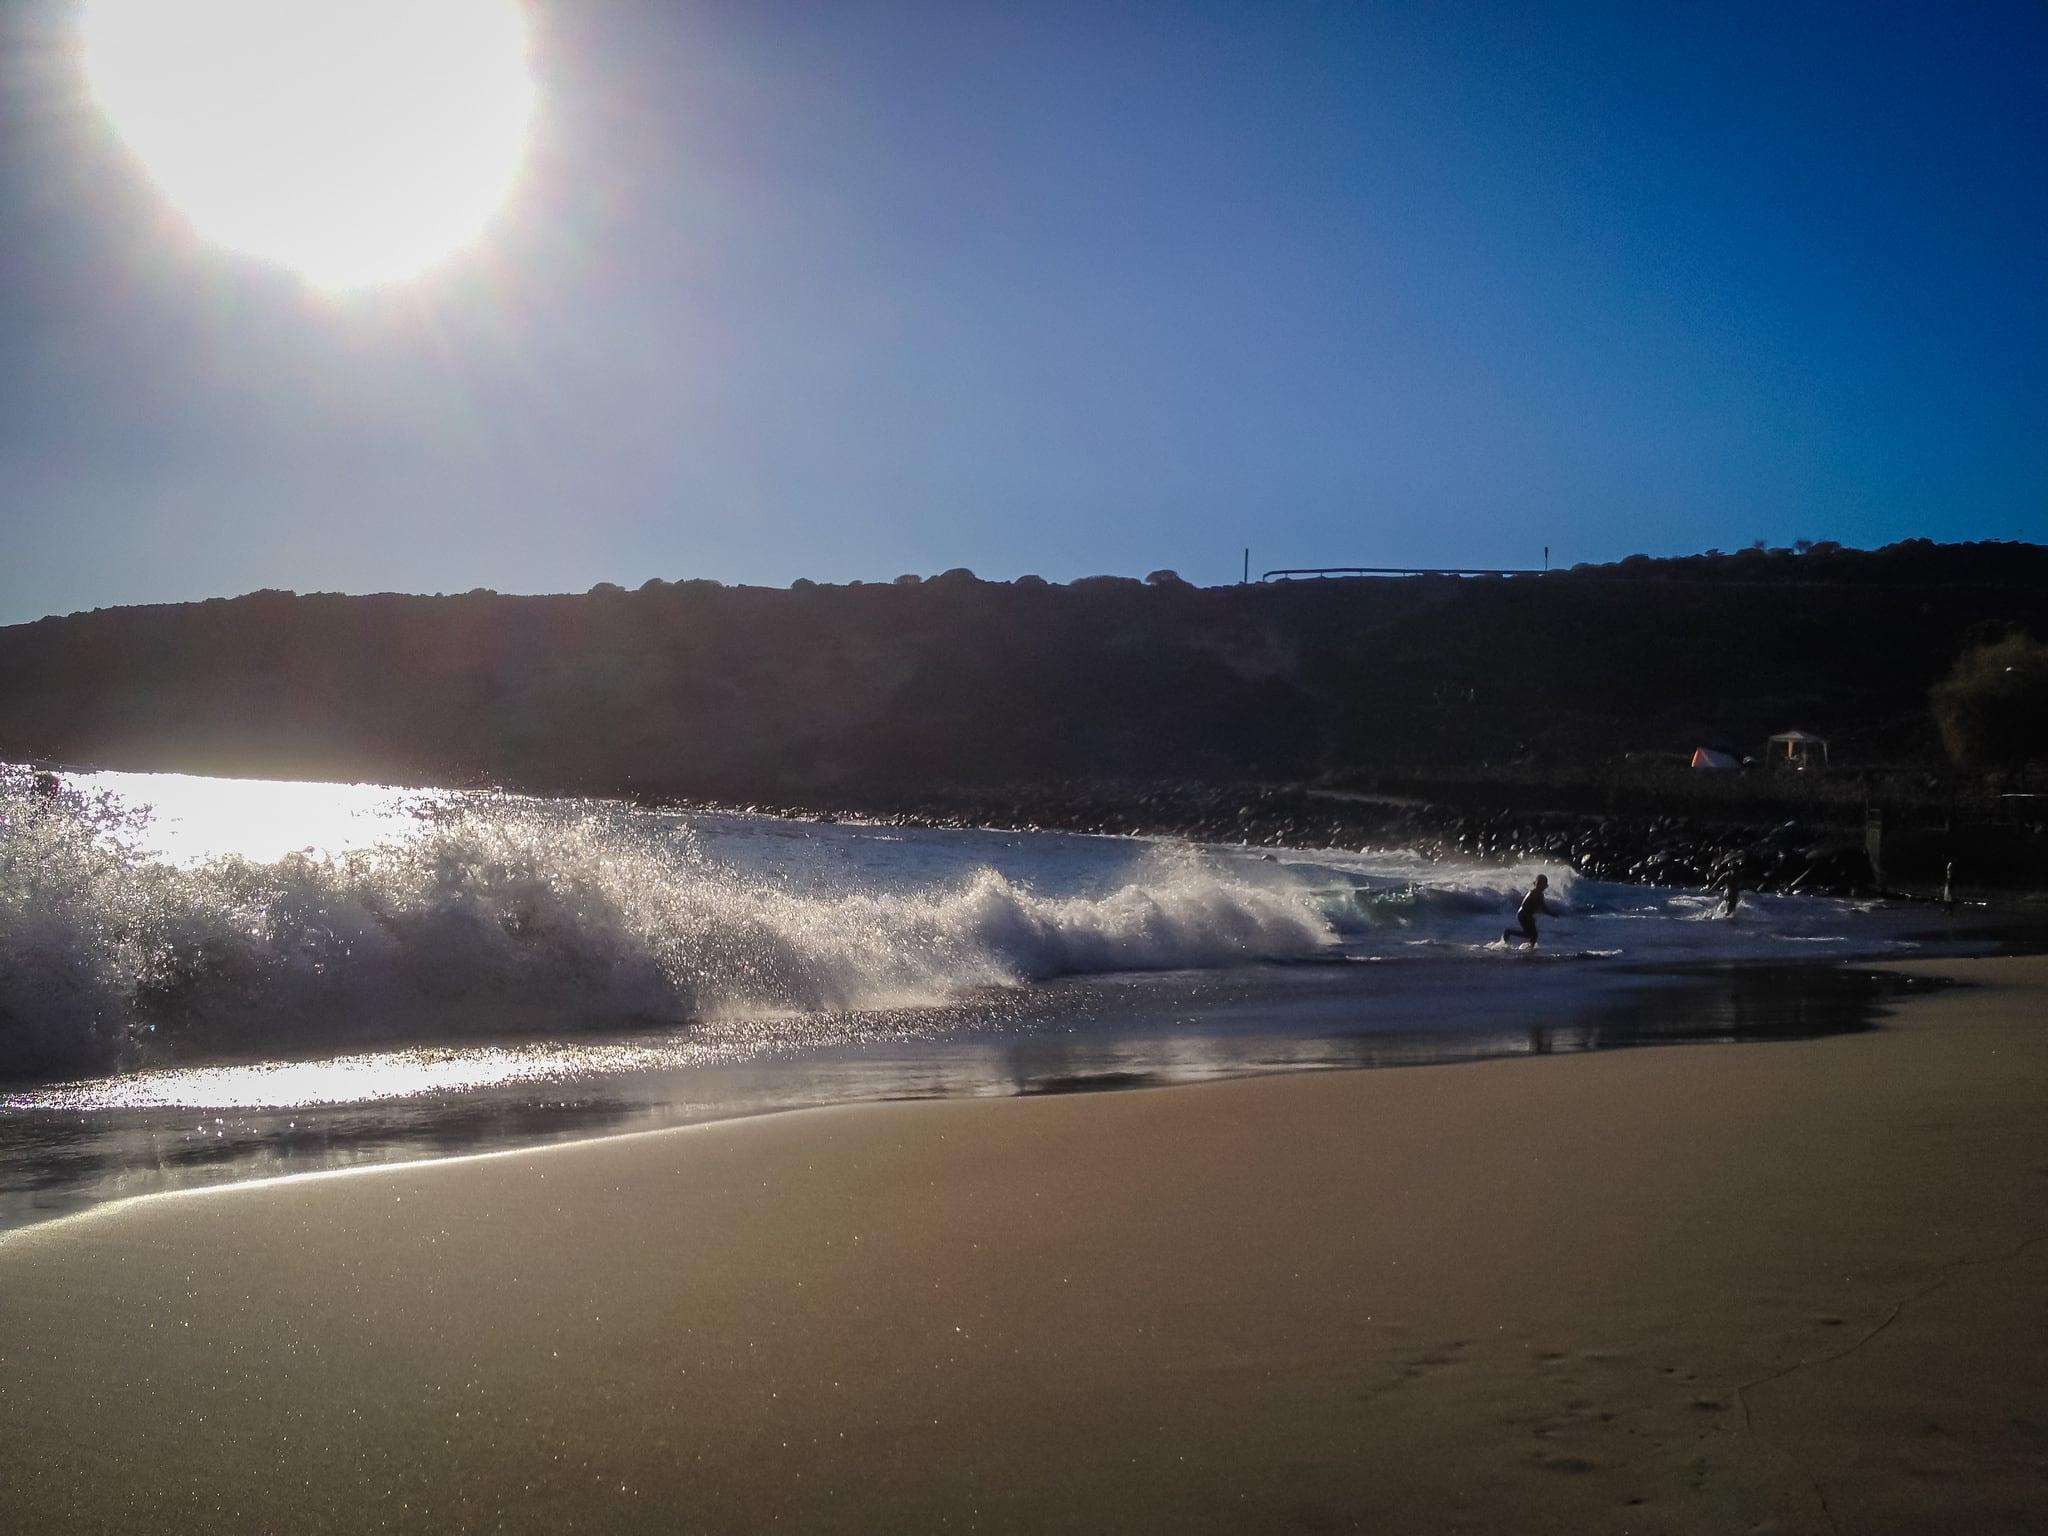 El Puertito görüntü. vacation tenerife